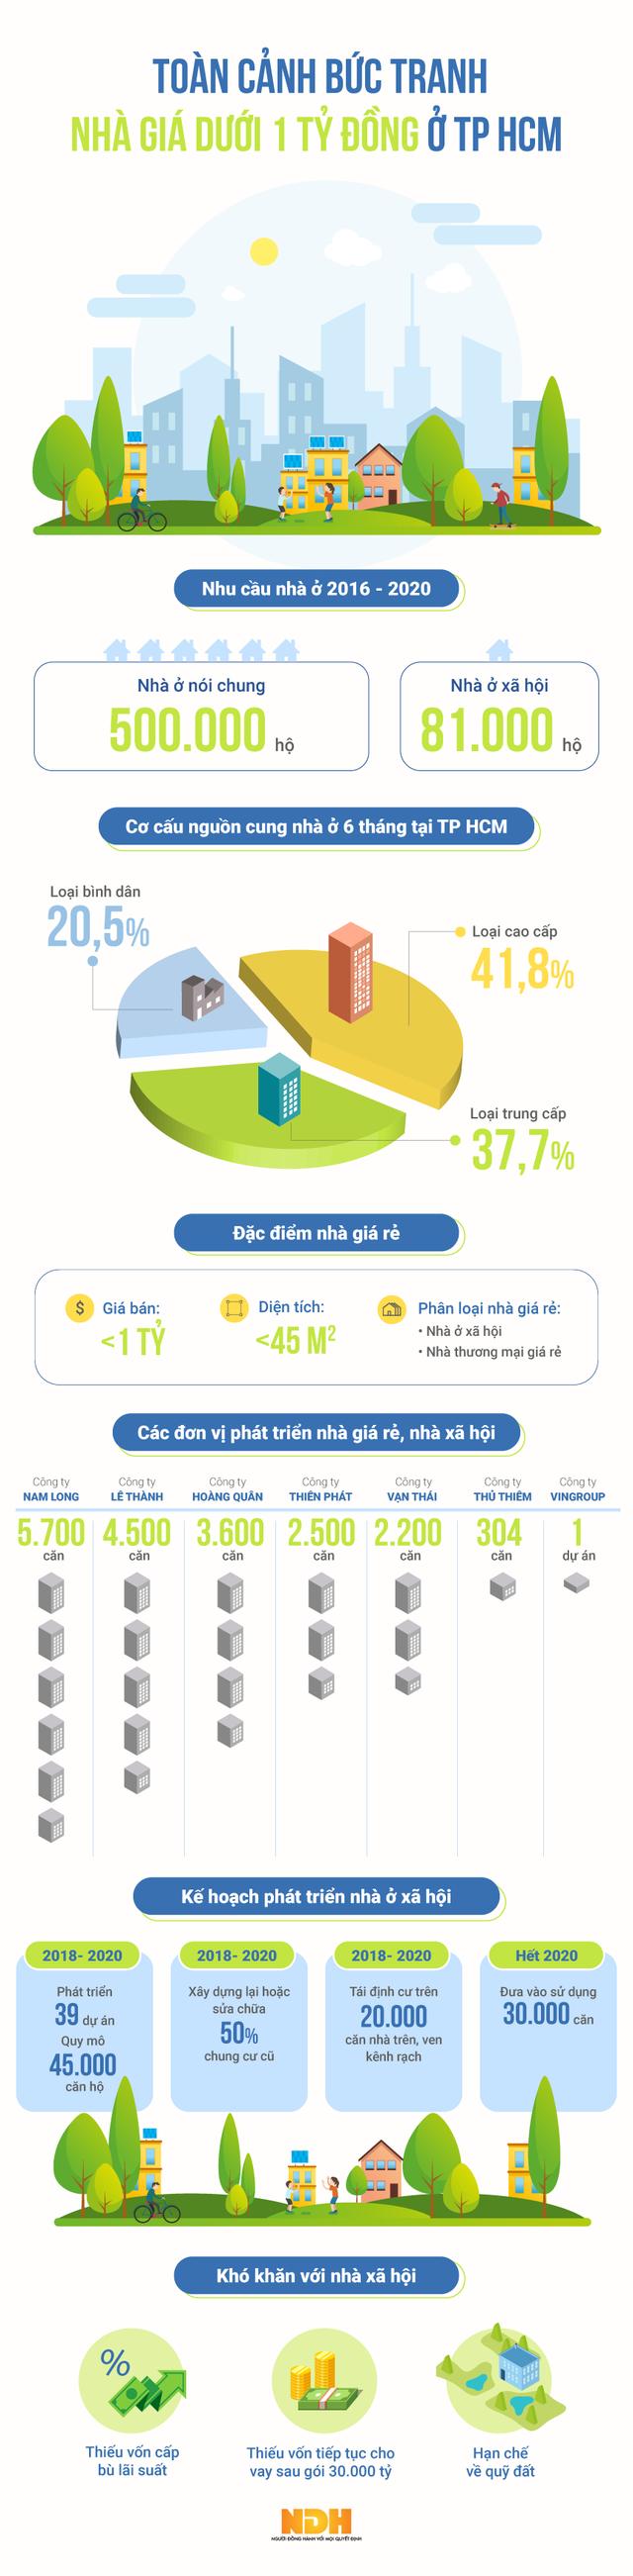 Infographic: Bức tranh nhà ở giá dưới 1 tỷ đồng tại TP HCM - Ảnh 1.